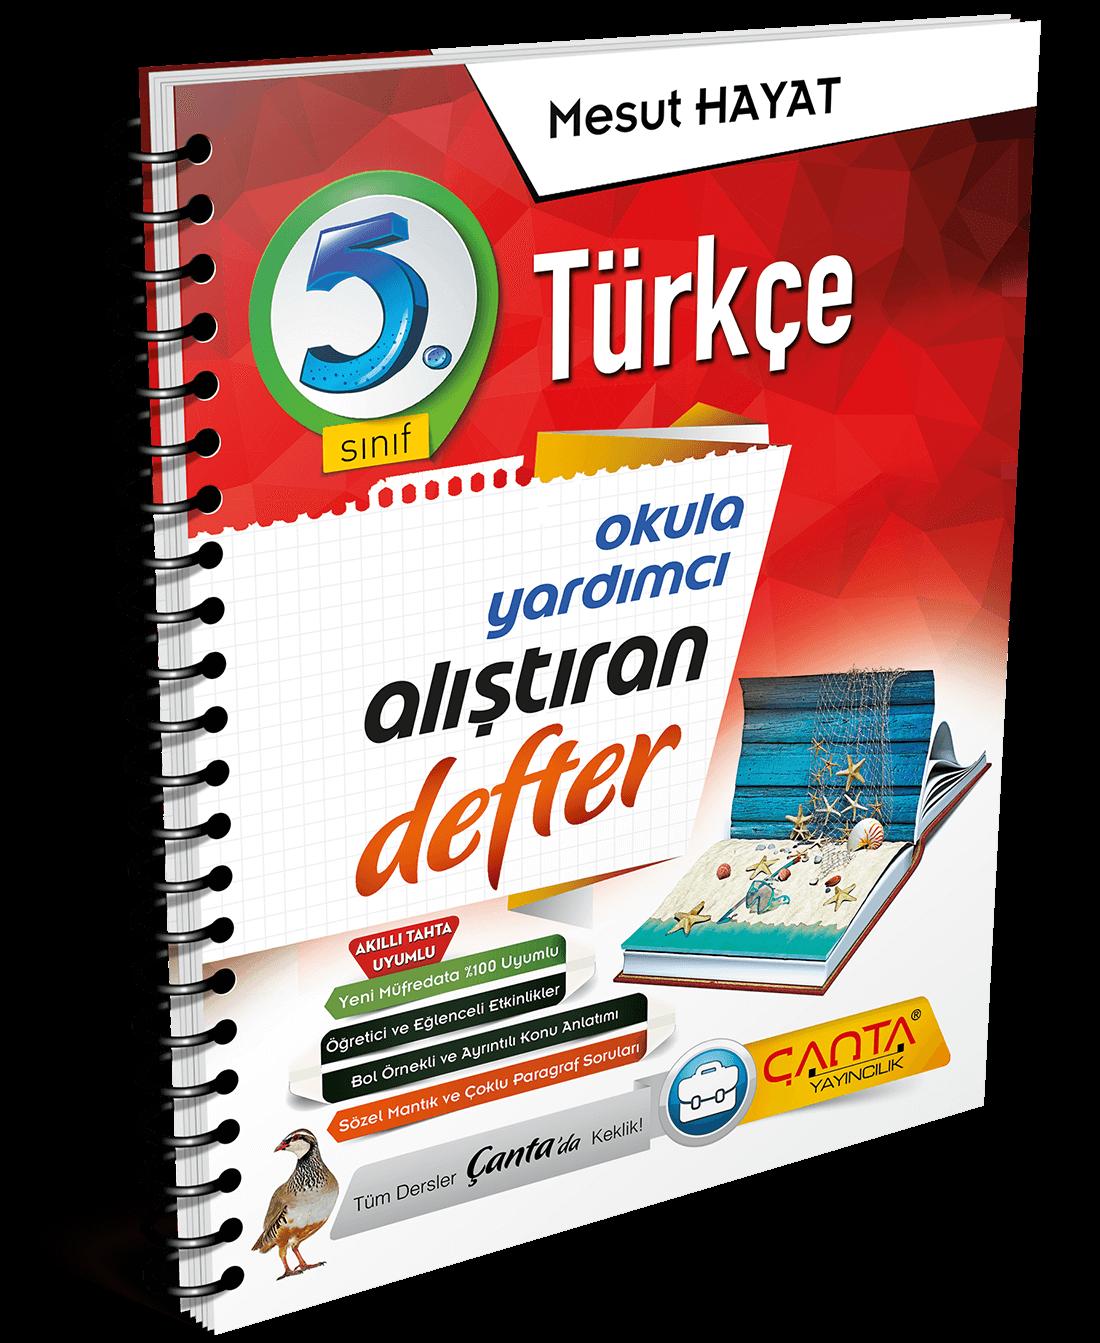 5. Sınıf – Türkçe Alıştıran Defter